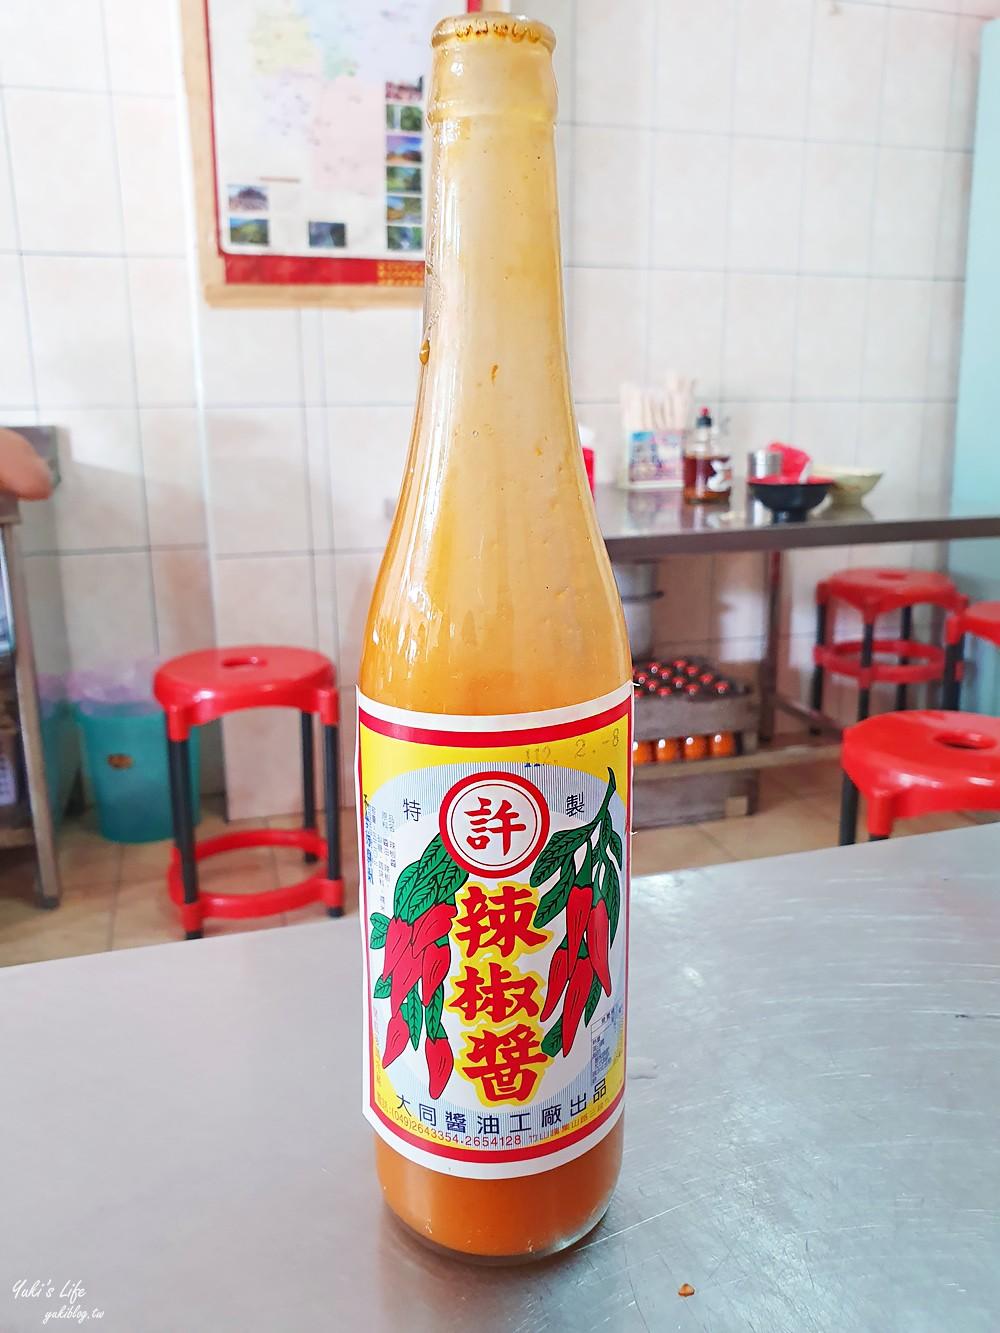 南投竹山老街美食》庙口米糕~香Q好吃,只要25元铜板价,竹山美食推荐! - yukiblog.tw